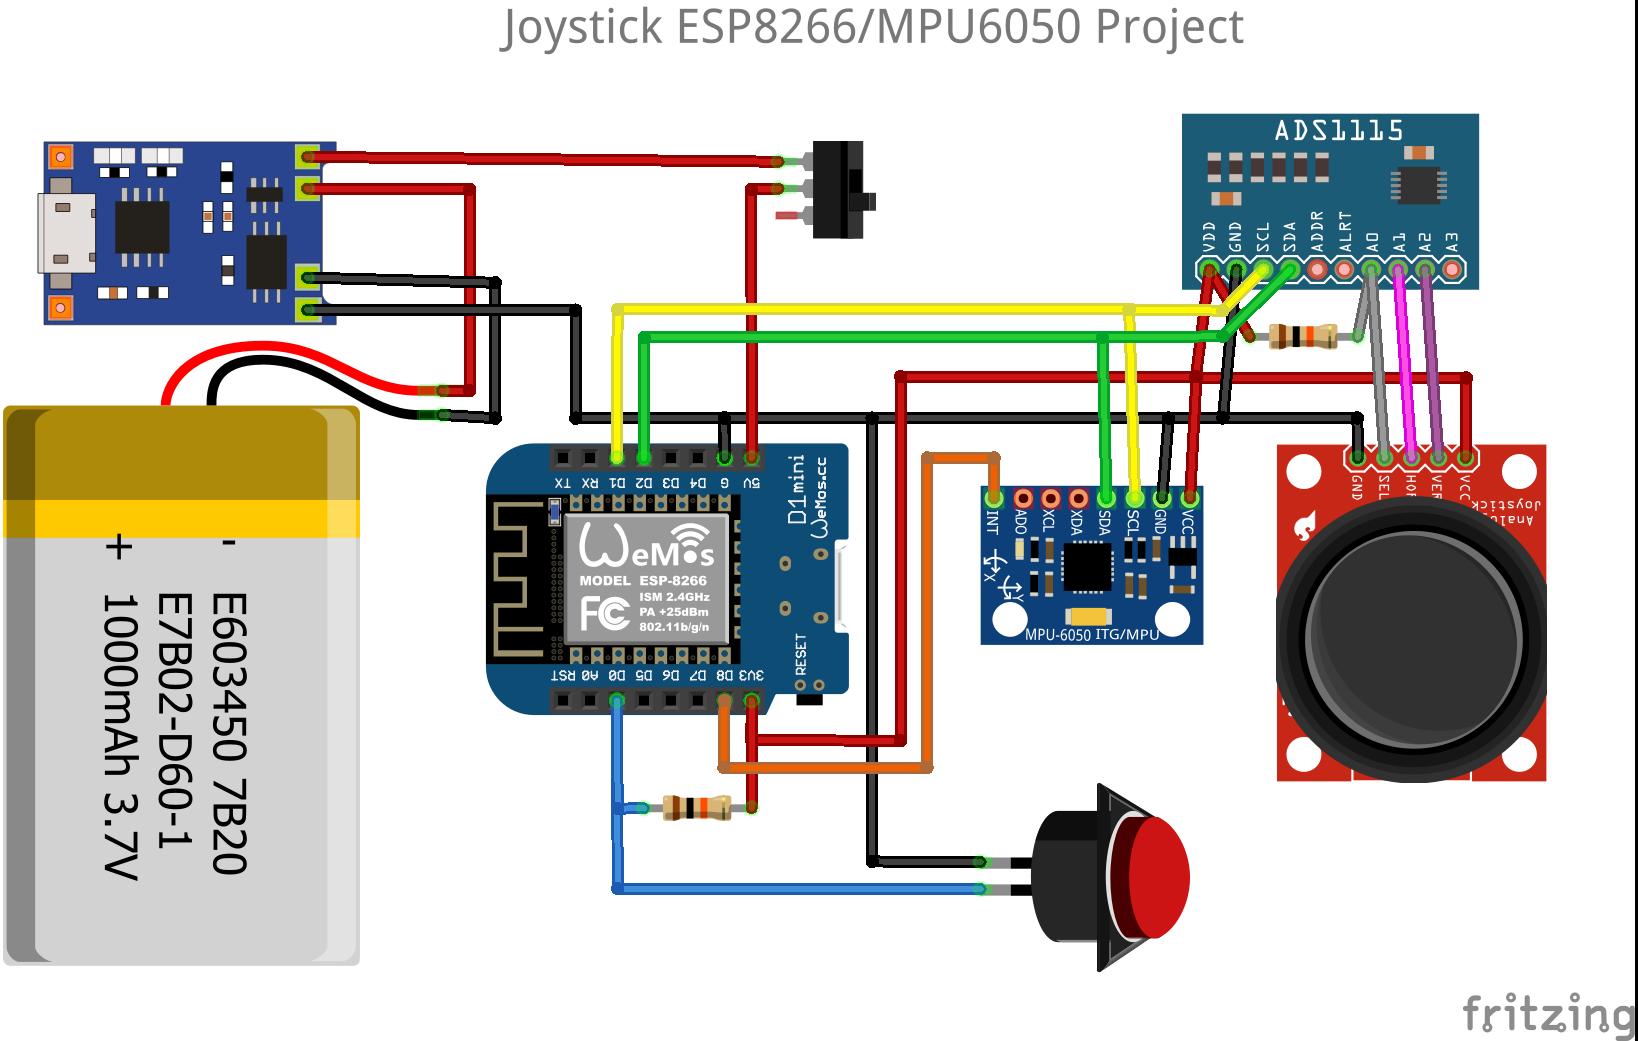 Joystick_ESP8266_V2.png Télécharger fichier STL gratuit Joystick ESP8266 / MPU6050 • Plan imprimable en 3D, Frederic_JELMONI